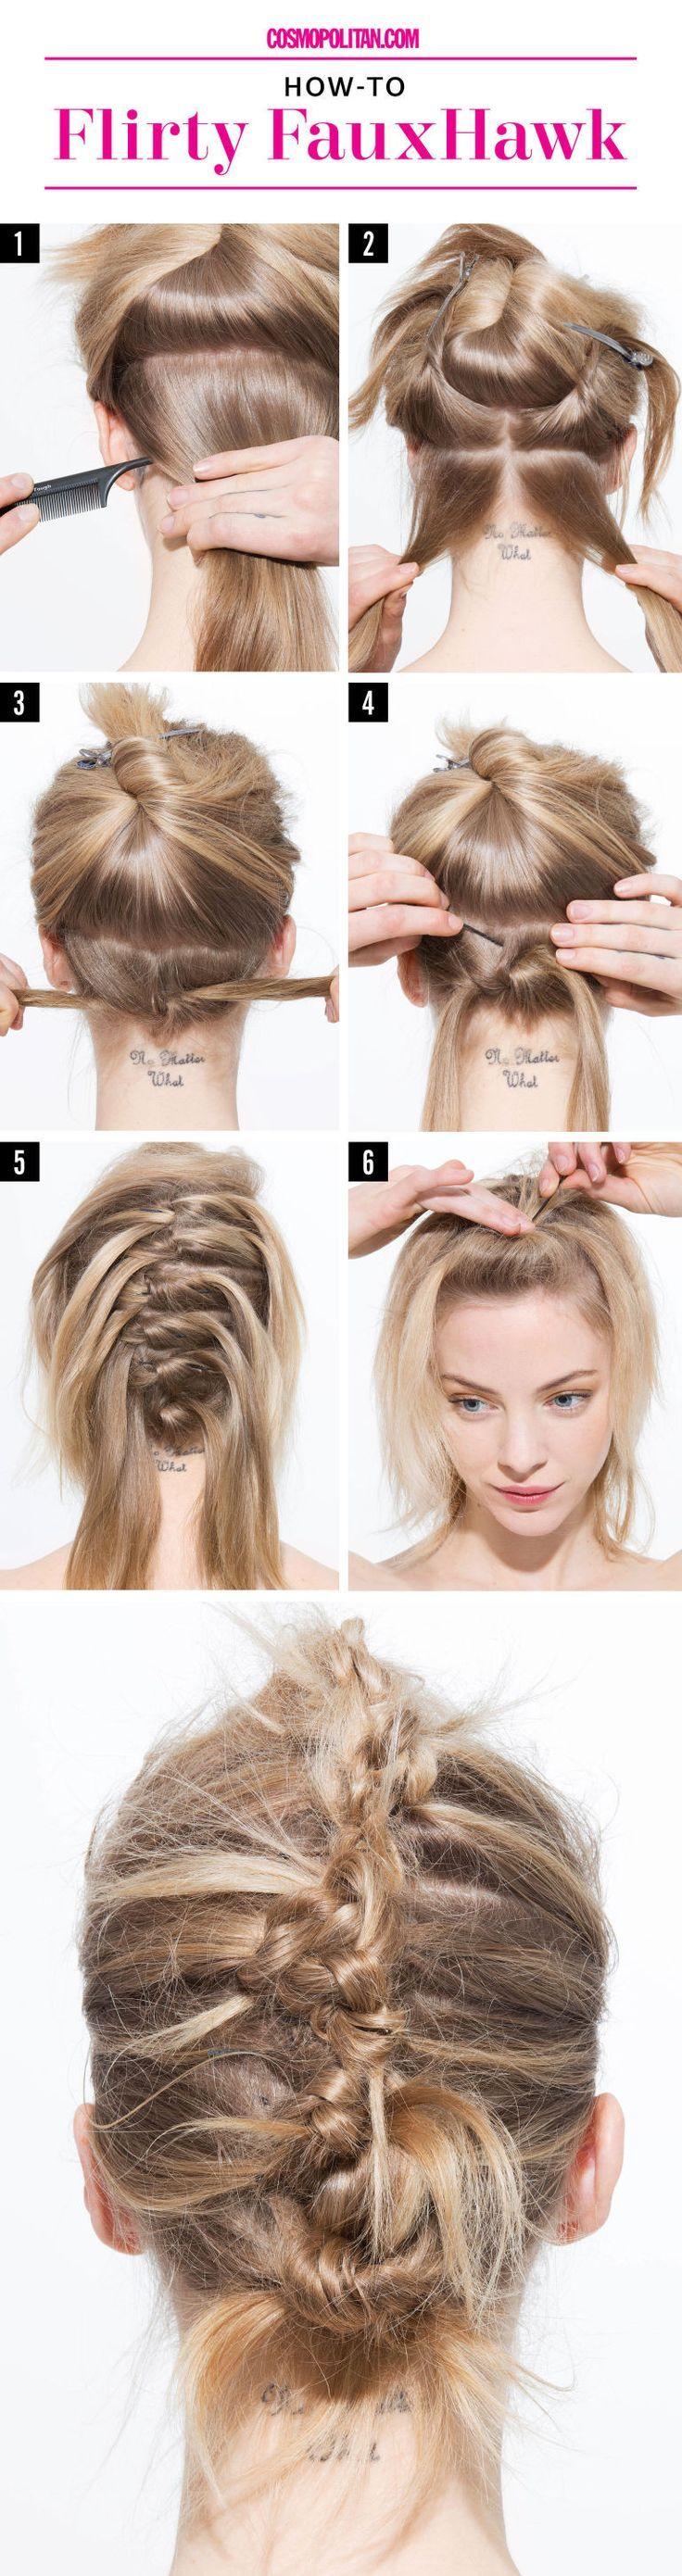 99 Fresh Kids Frisur für kurzes Haar Mehr unter shorthairstyles.m … – #Check #Fresh #Hair #hairstyle #Kids